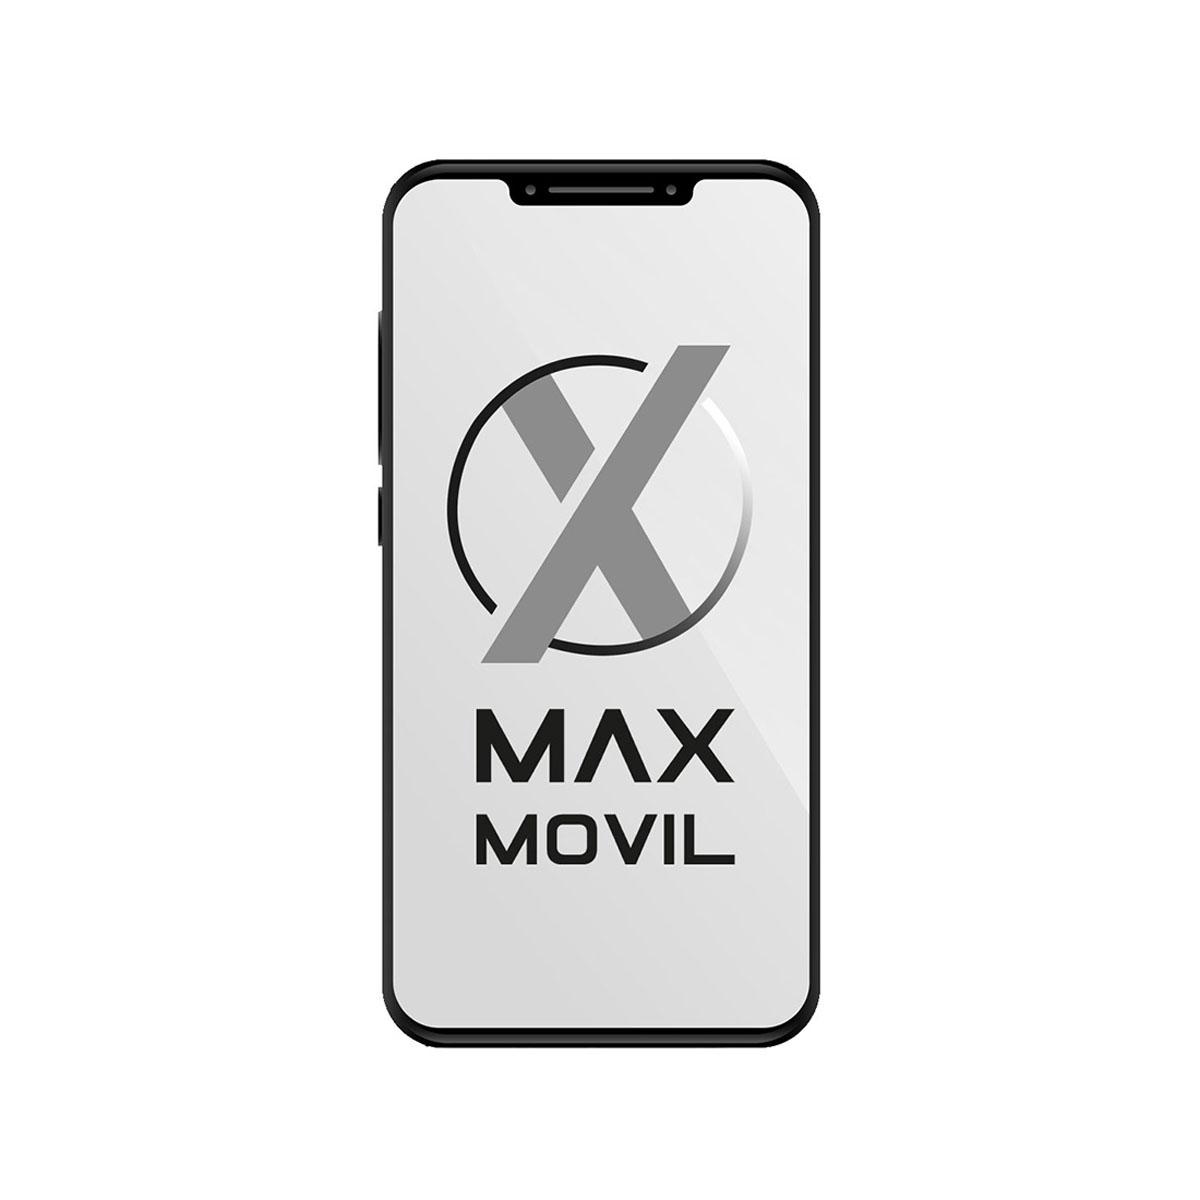 Moviltruito | Huawei Ideos X3 U8510 libre negro SEMINUEVO